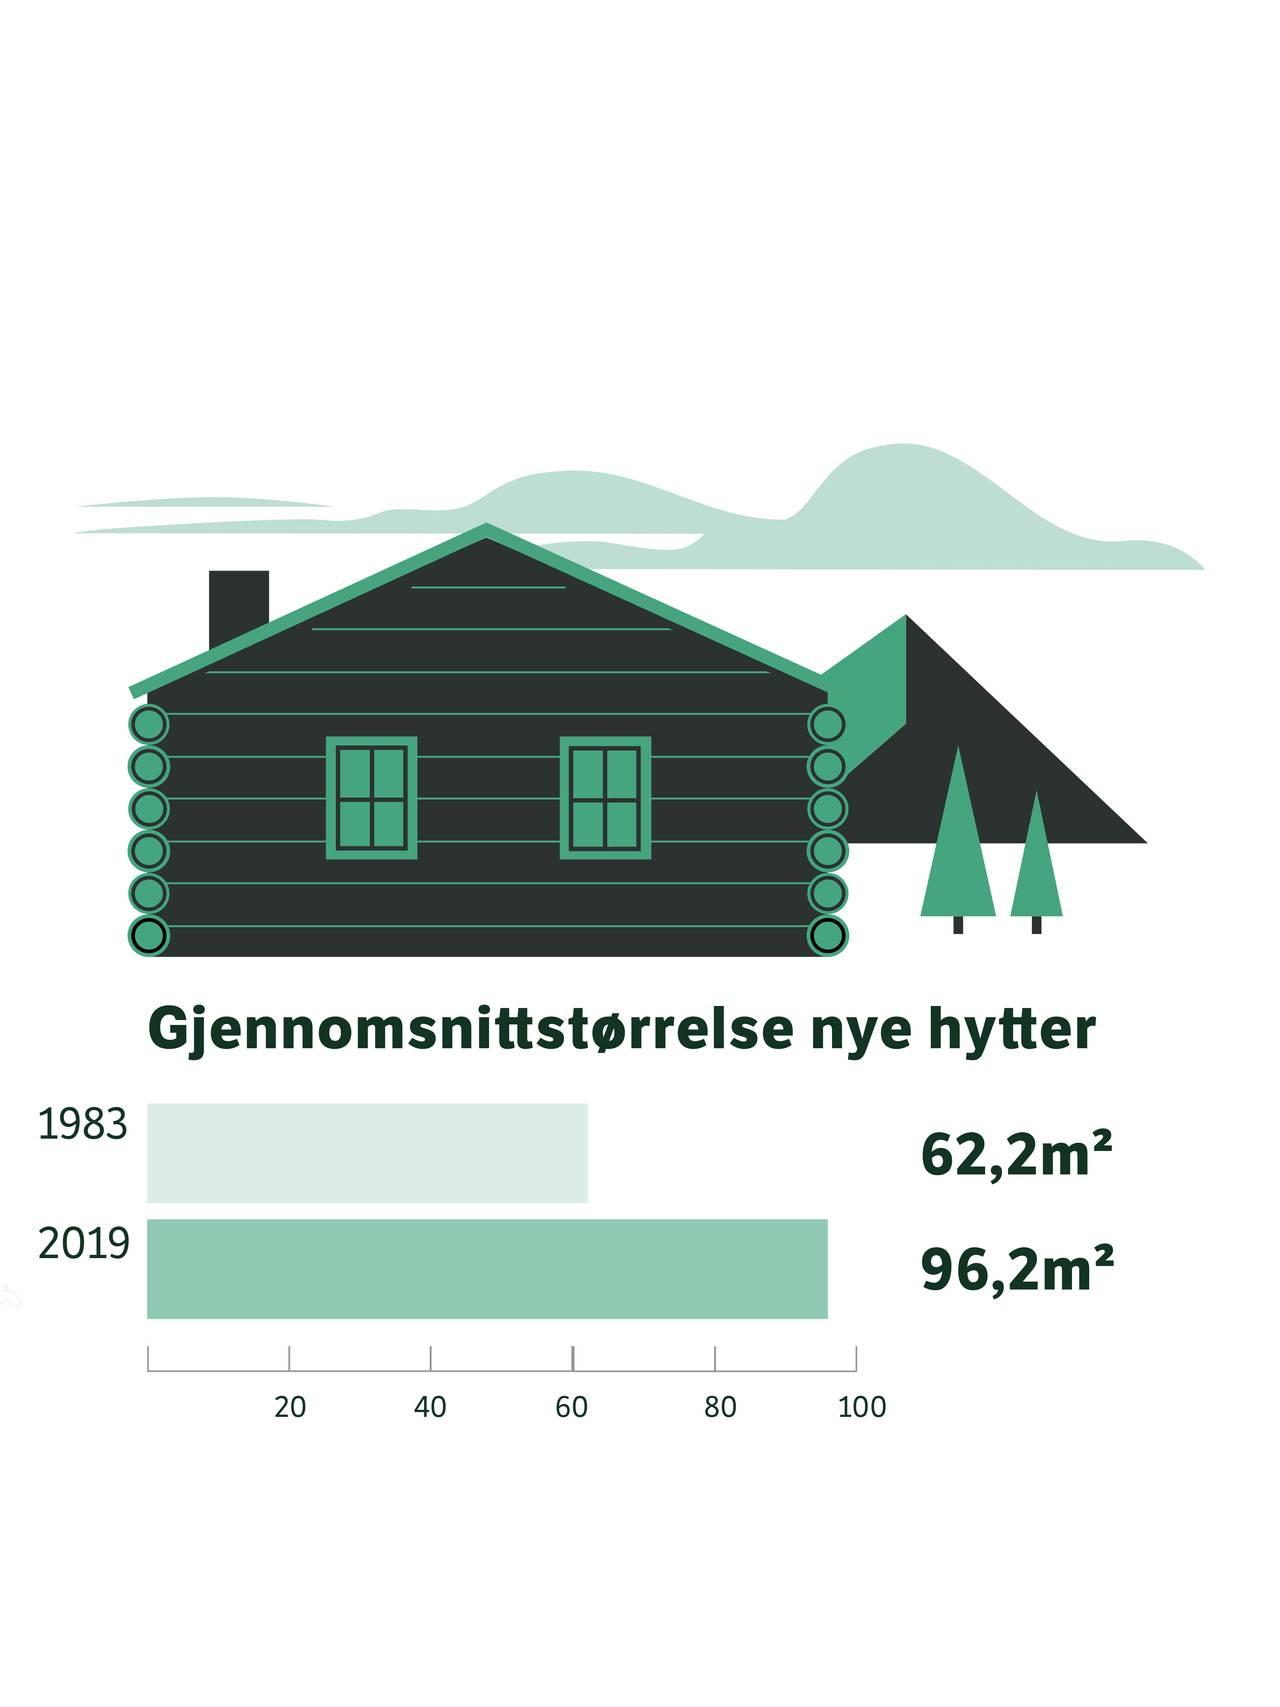 Graf over gjennomsnitt kvm nye hytter (96,2 kvm i 2019)